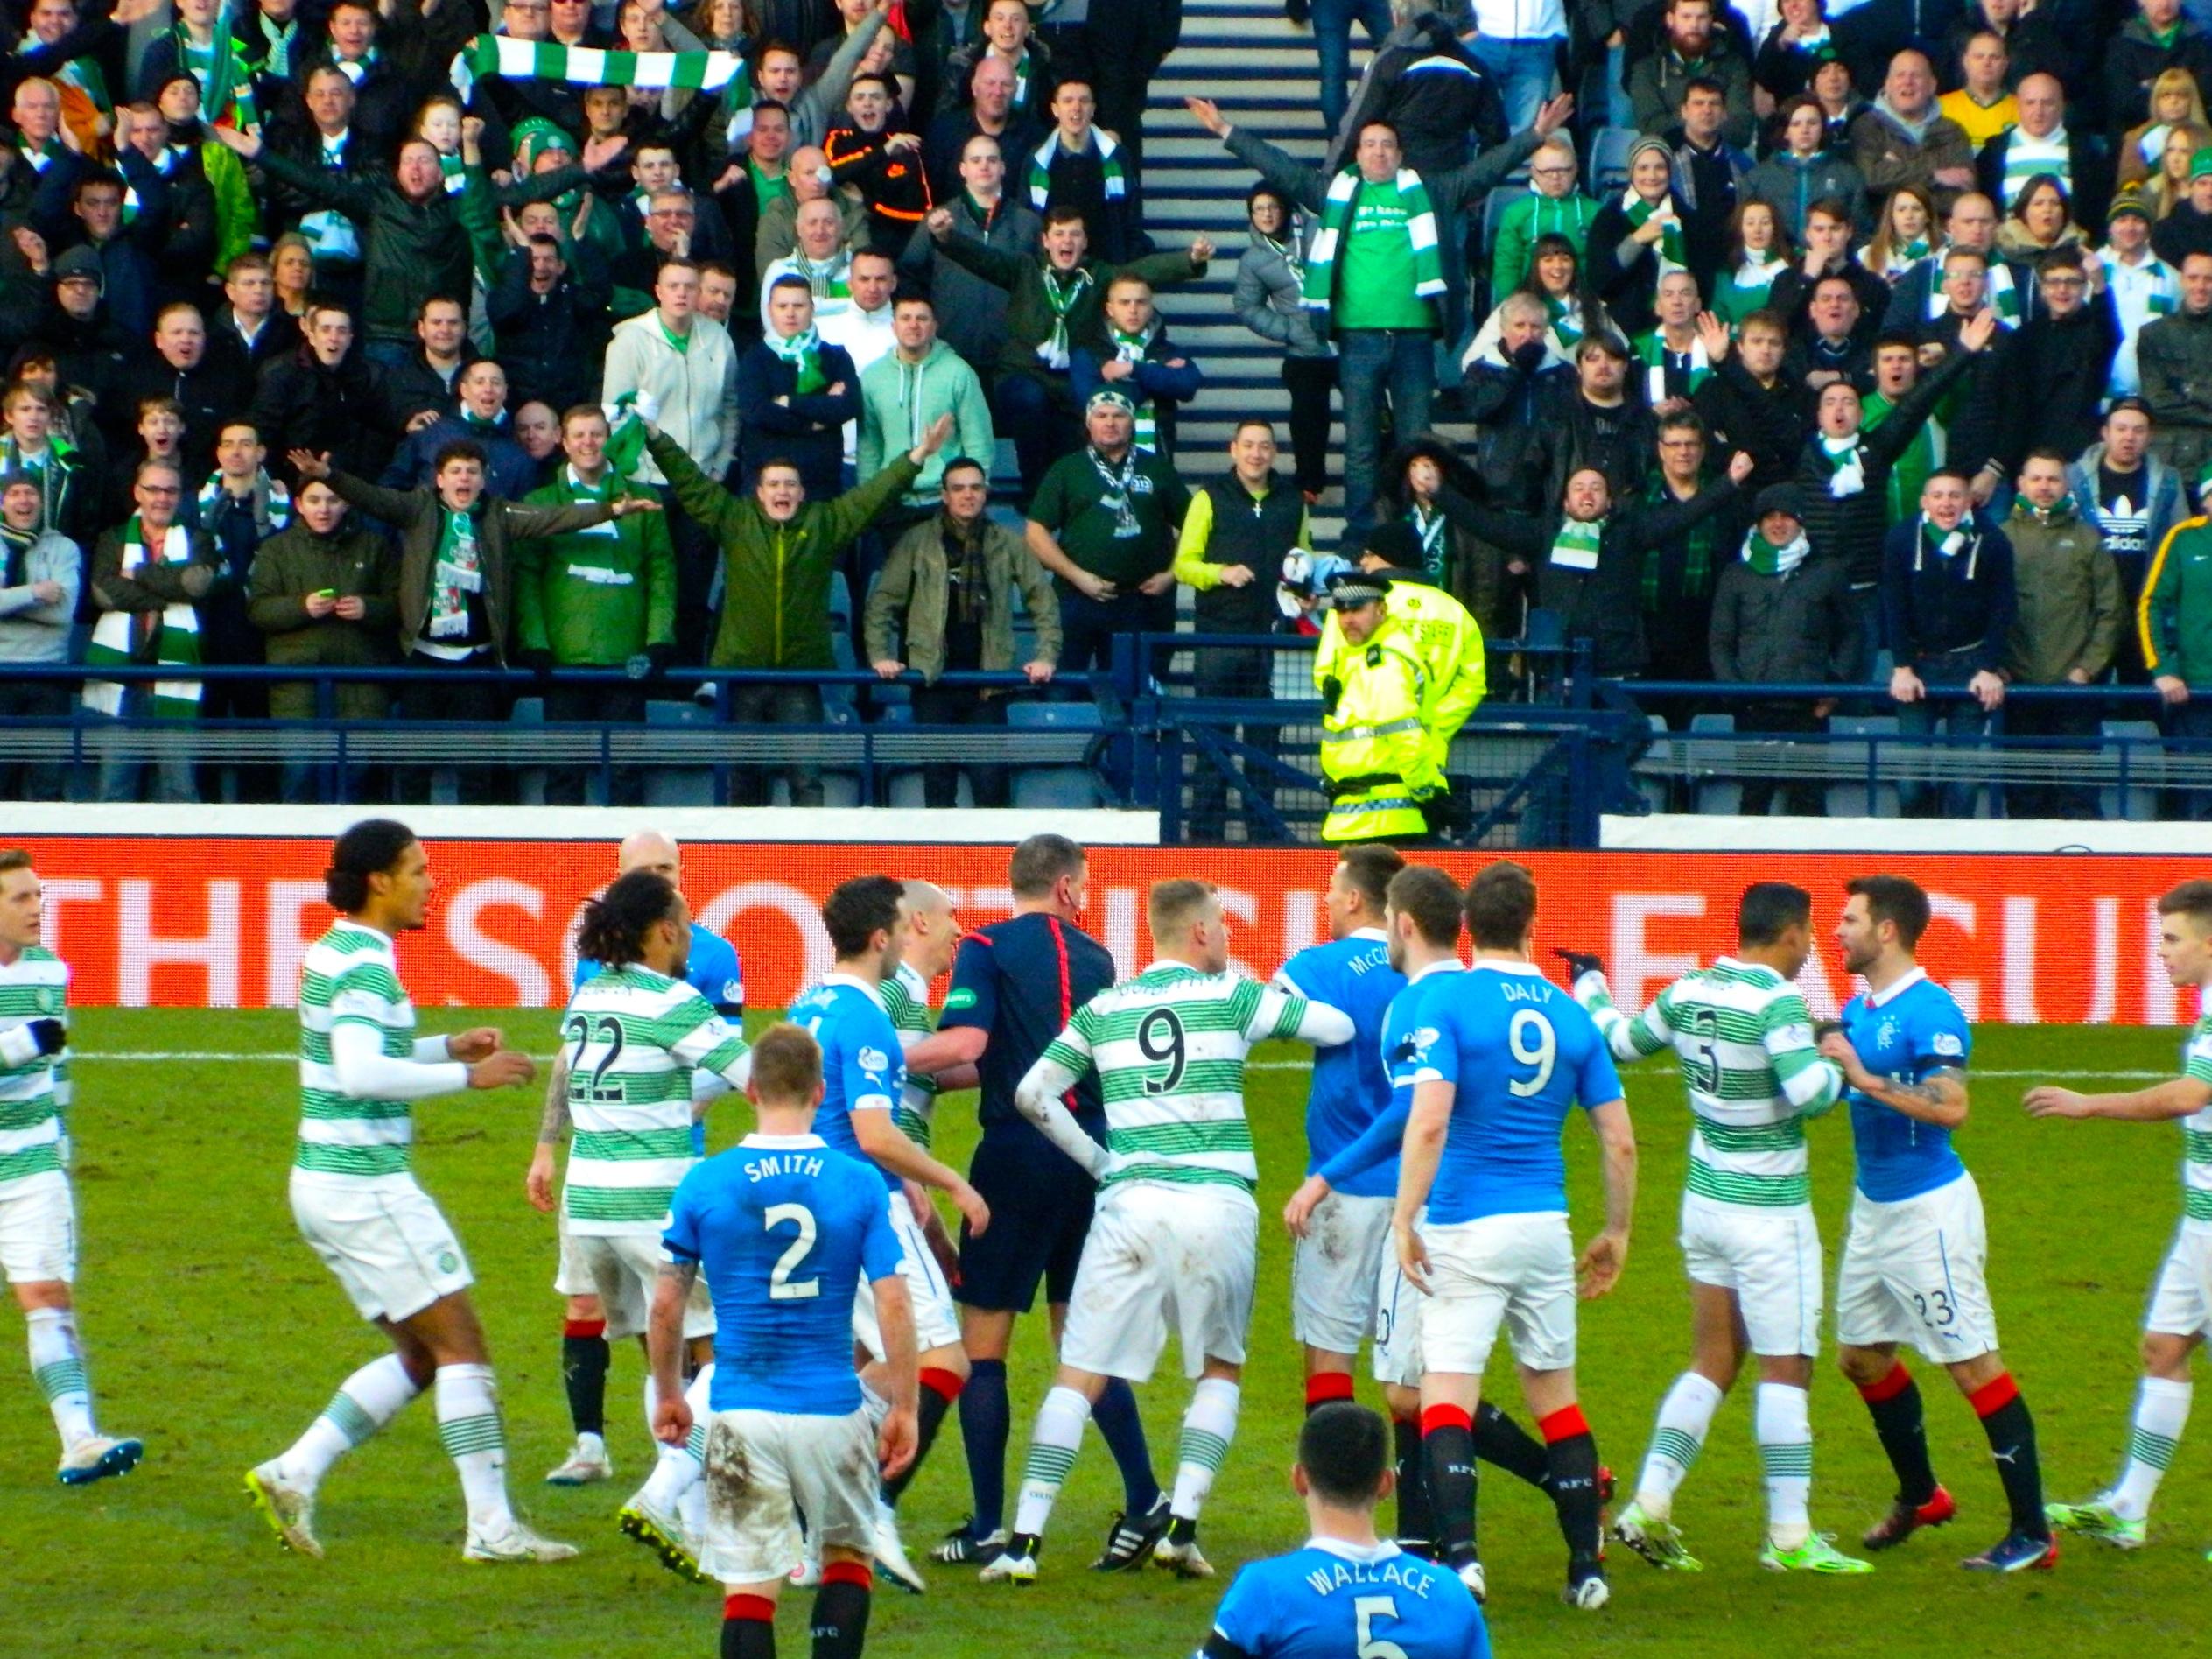 1 febbraio 2015: Il ritorno dell'Old Firm a Glasgow